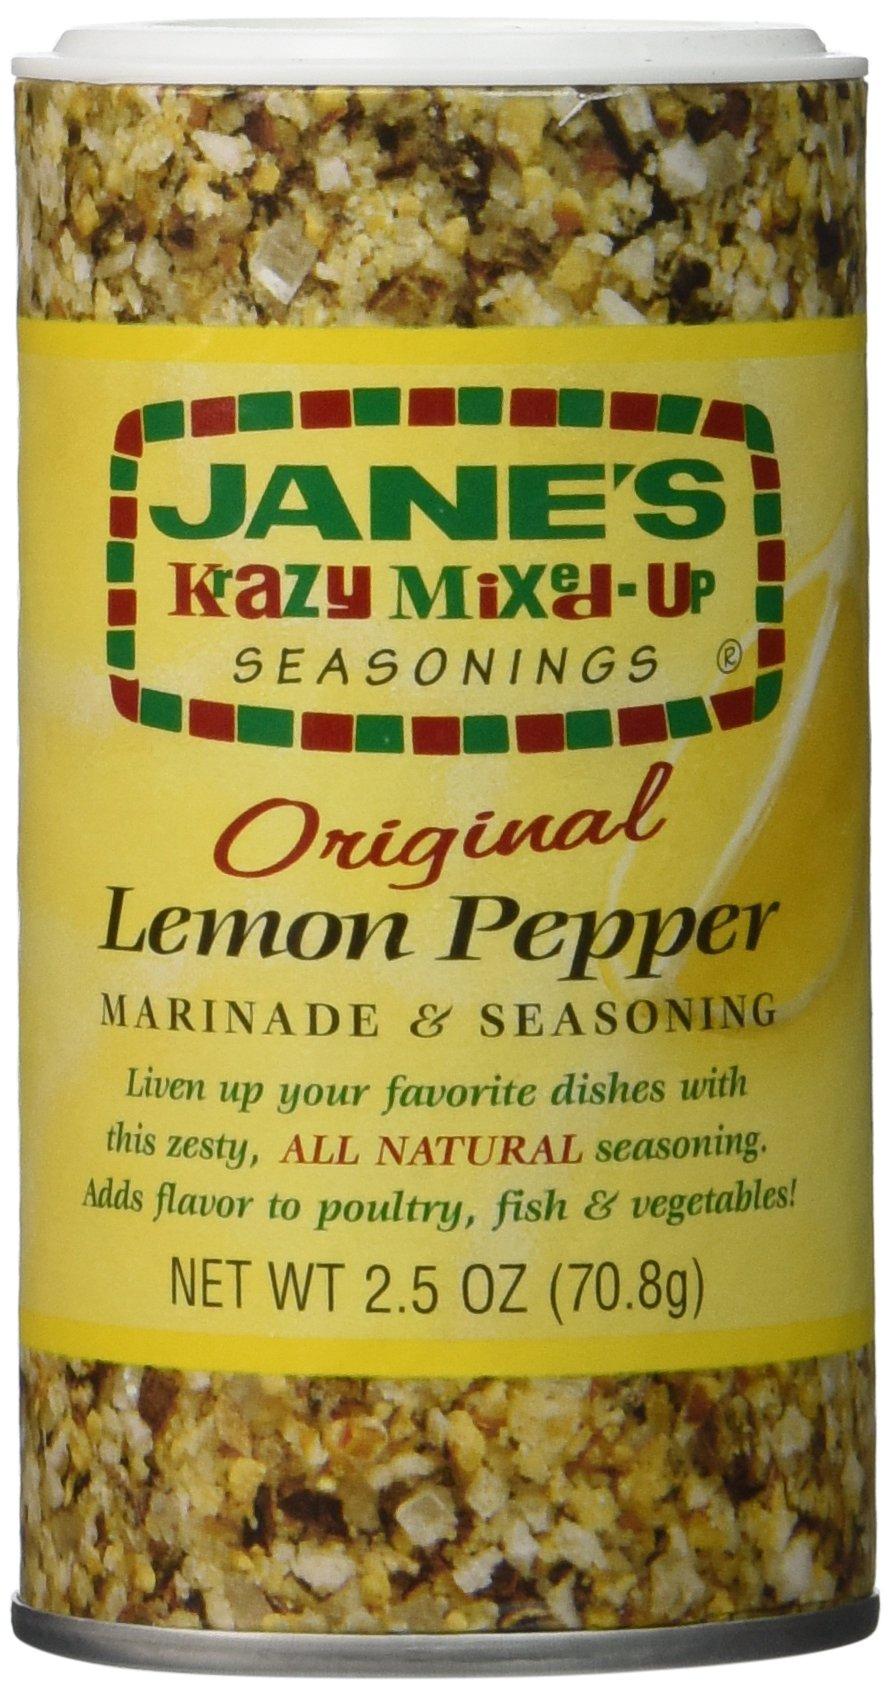 Jane's Krazy Lemon Pepper Marinade & Seasoning - 2.5 oz